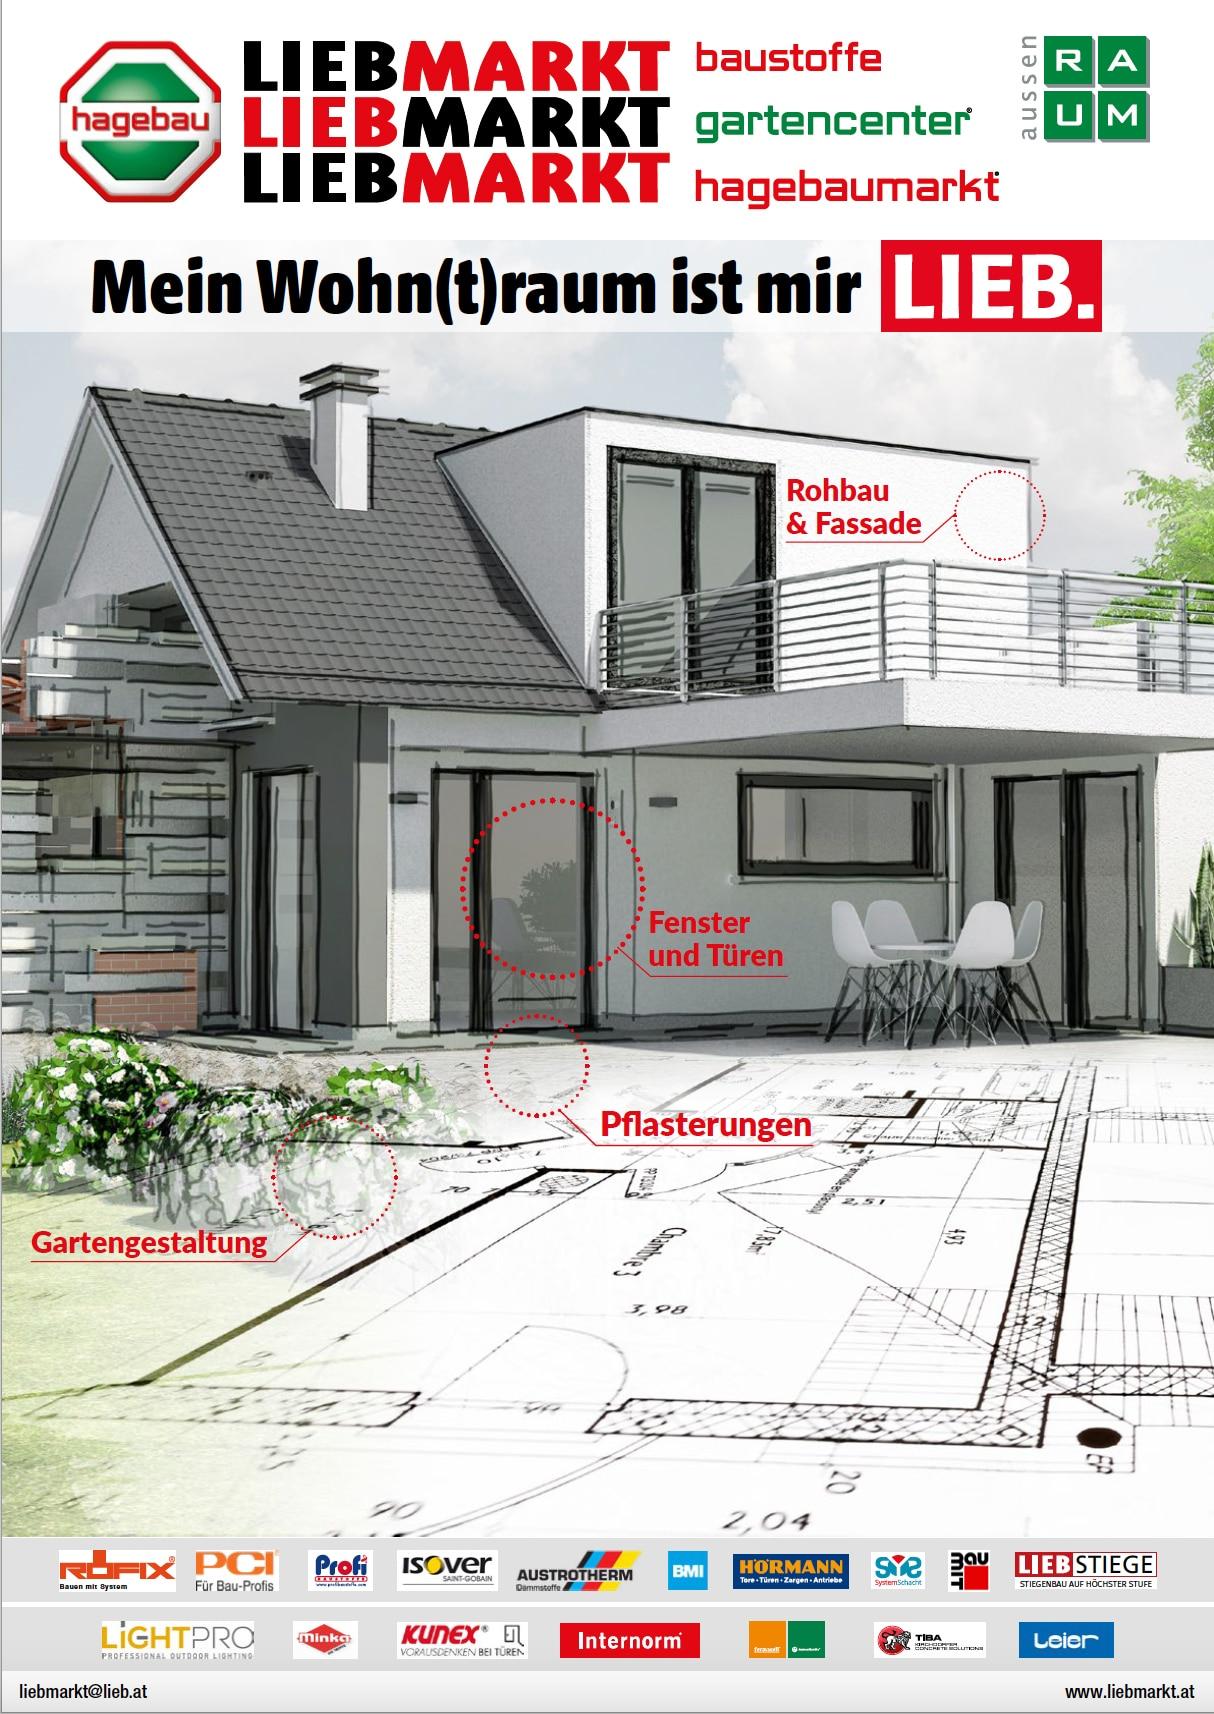 Schematische Zeichnung eines Hauses mit den wichtigen Häuserelemente wie Rohbau, Fenster & Türen, Gartengestaltung eingezeichnet